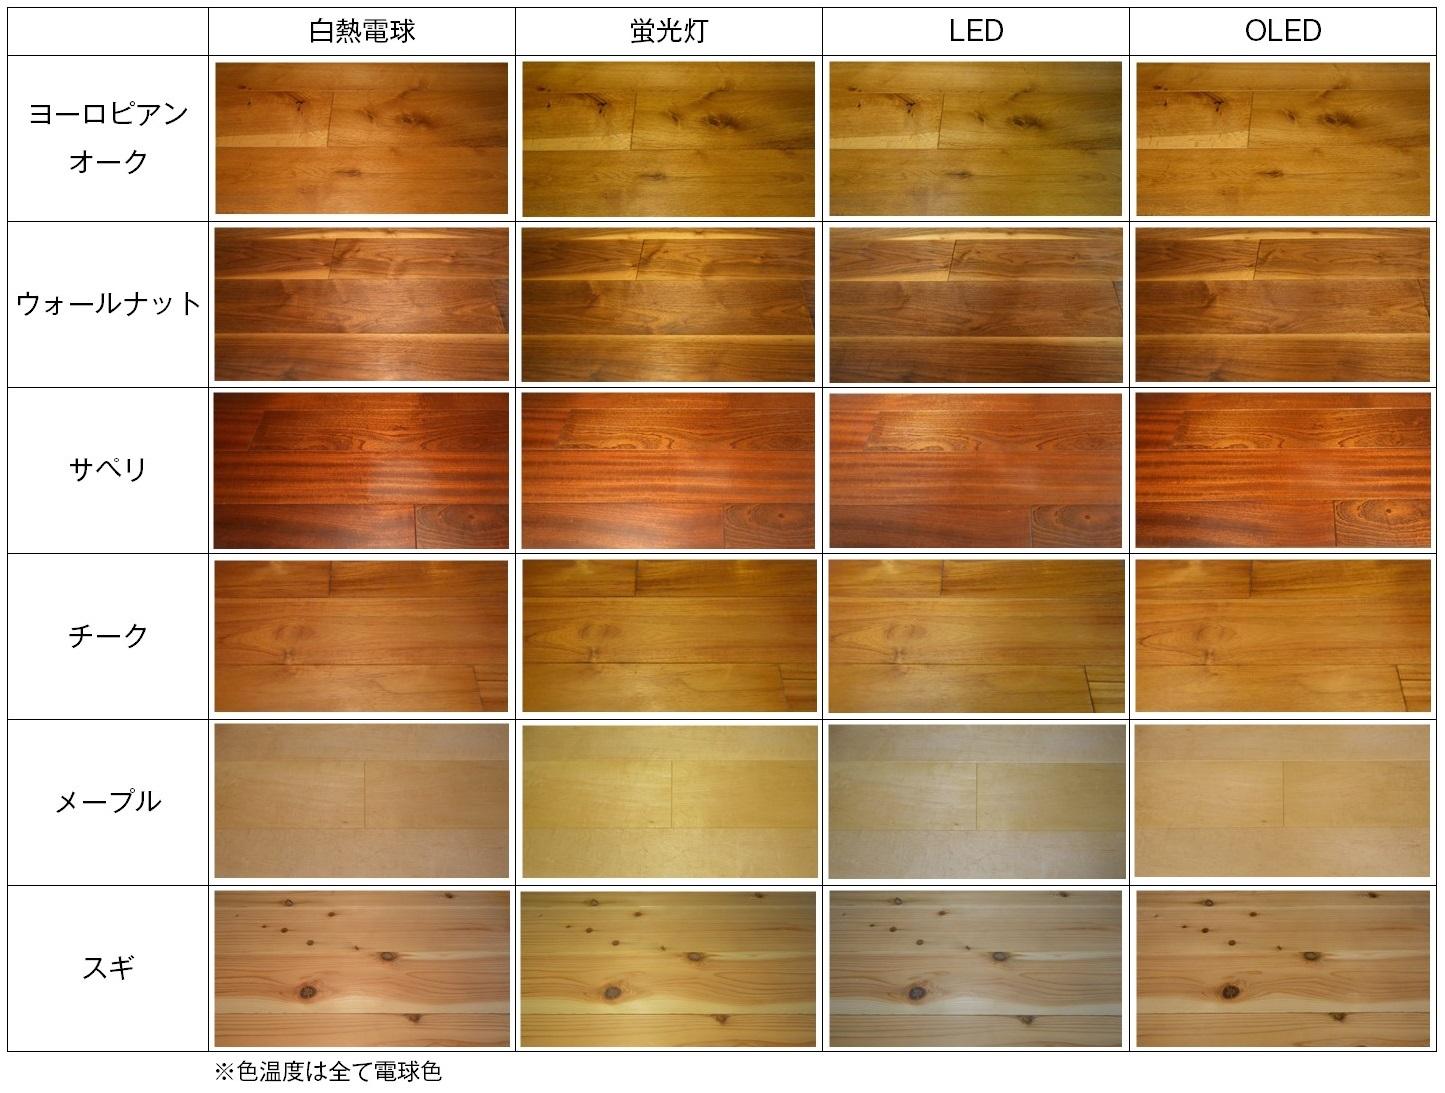 光源の種類による差